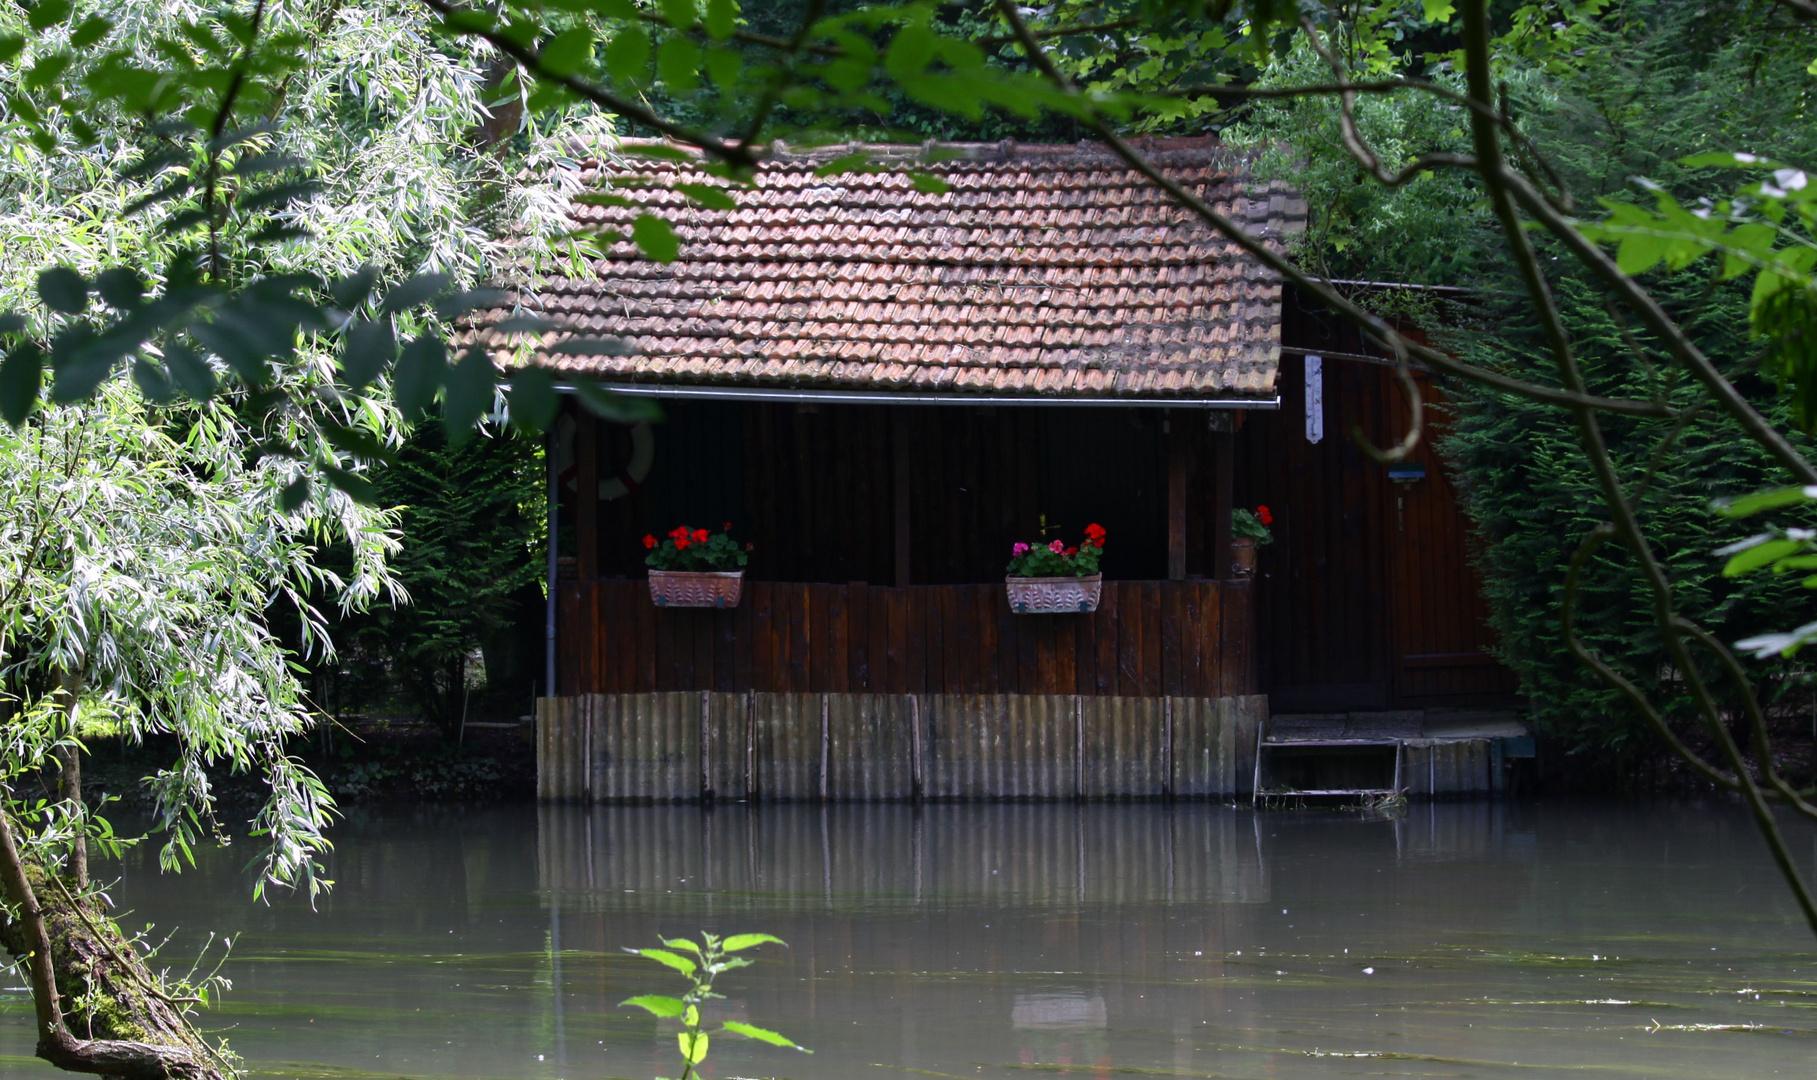 la cabane du pêcheur!